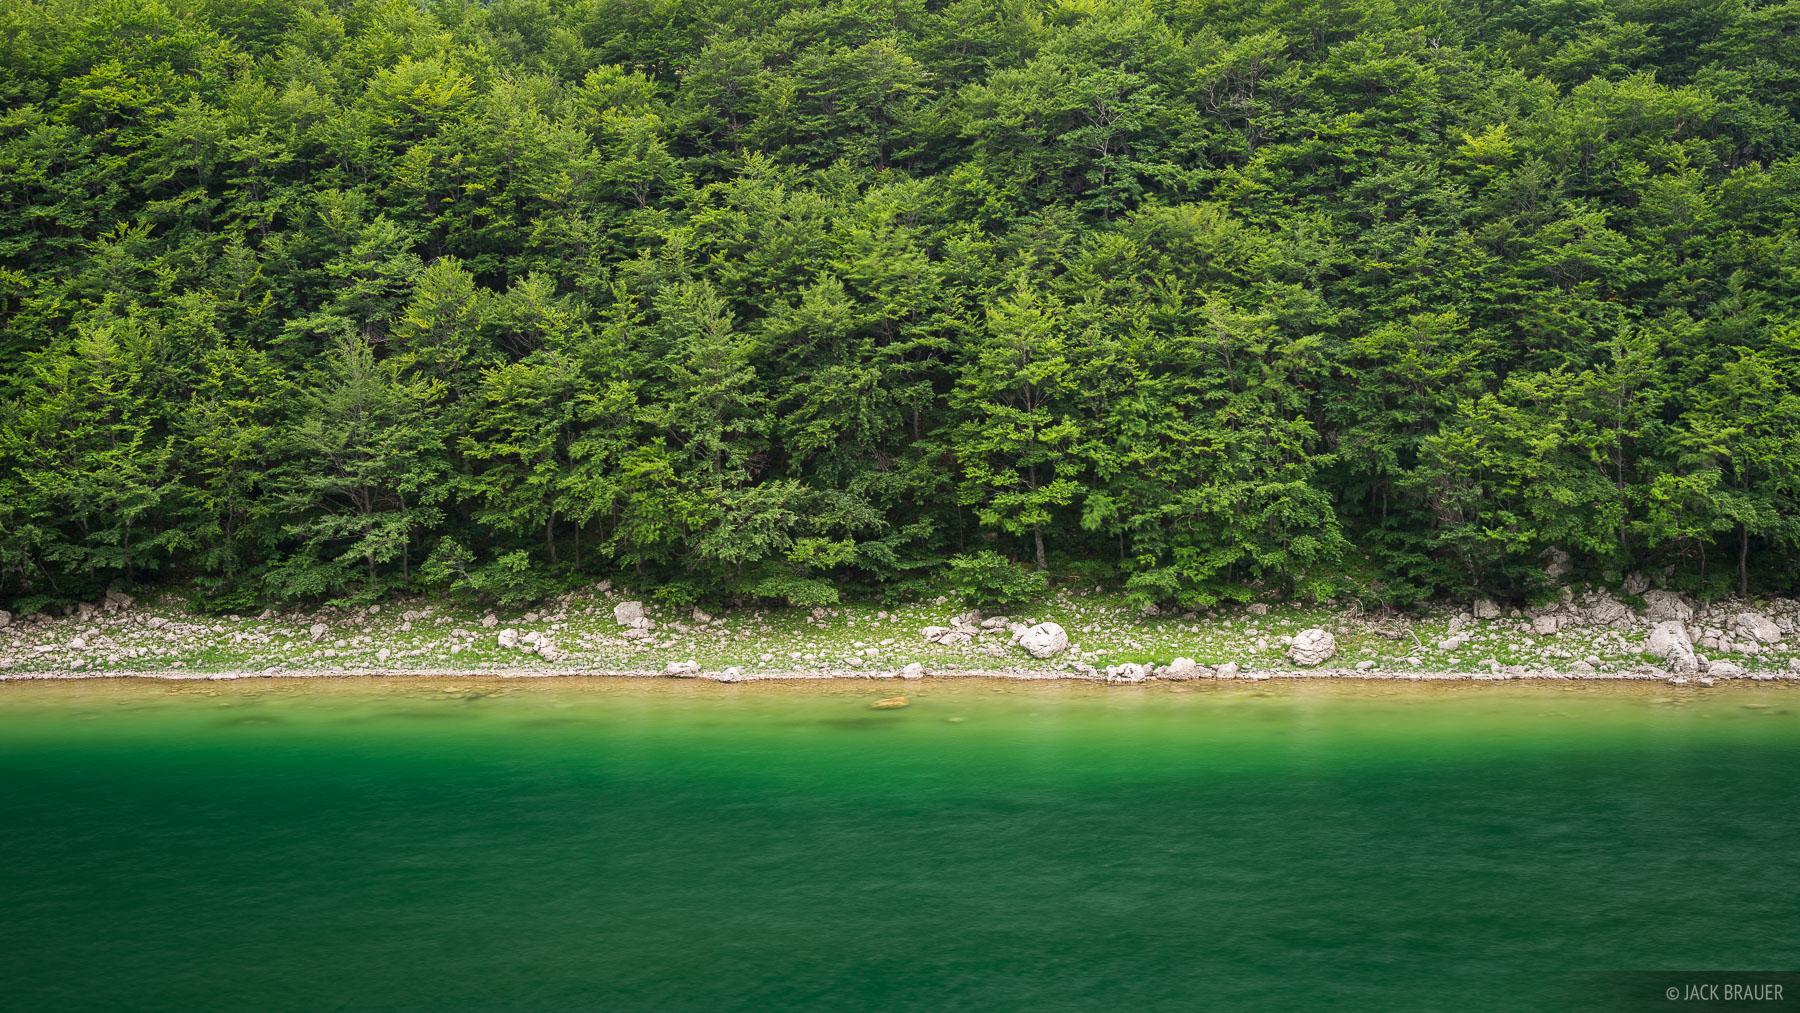 Dinaric Alps,Durmitor National Park,Montenegro,Škrčka Jezera,Škrčka Jezera, photo